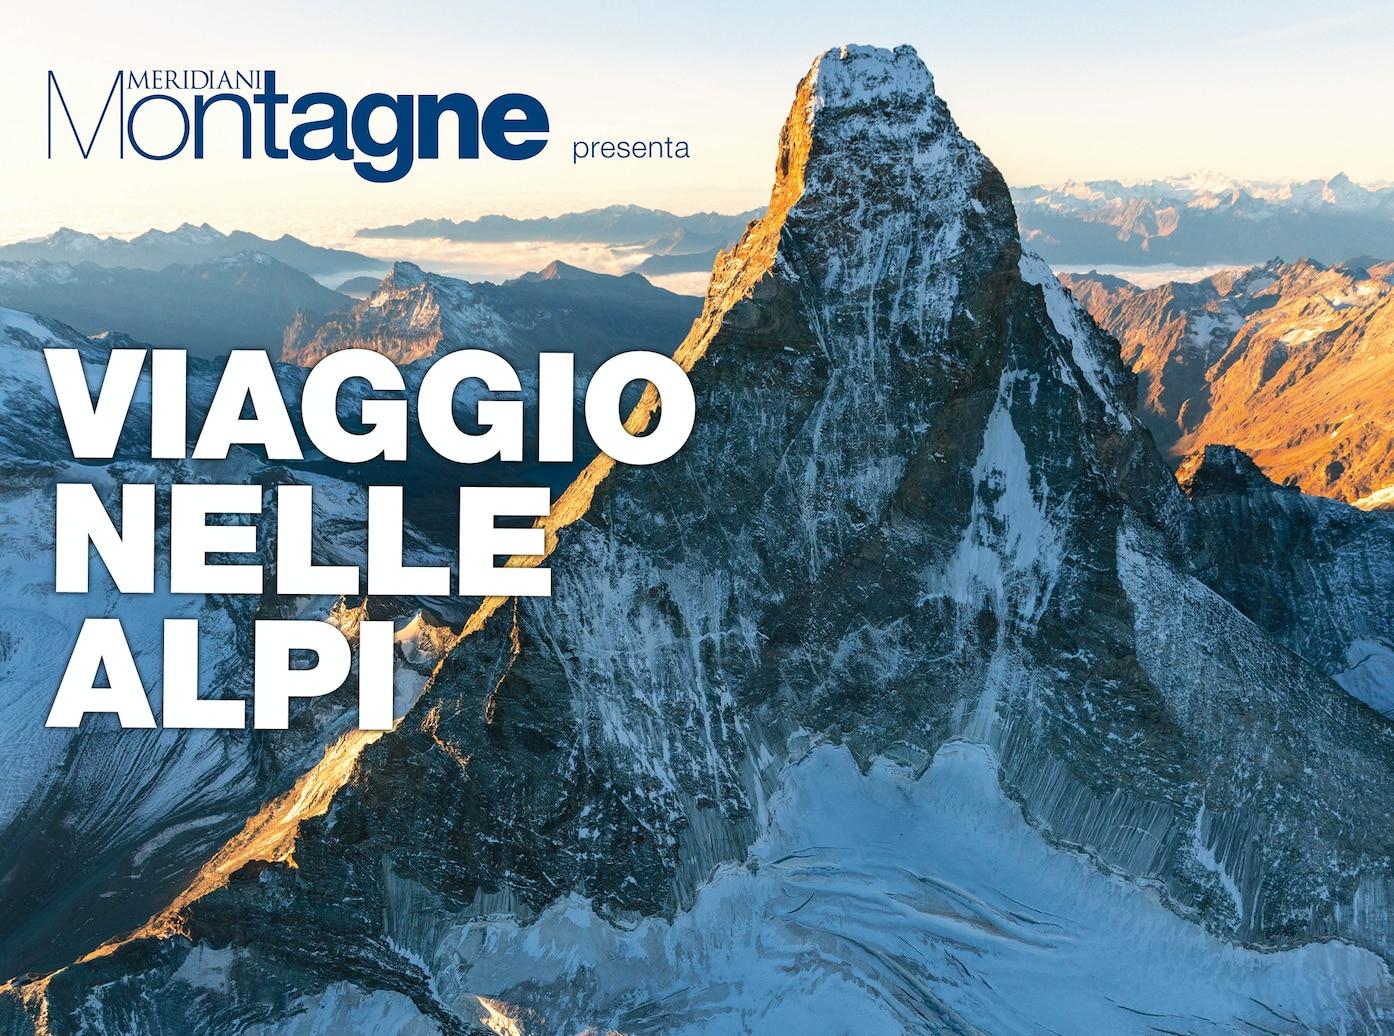 Photo of Viaggio nelle Alpi, una serata a teatro da non perdere